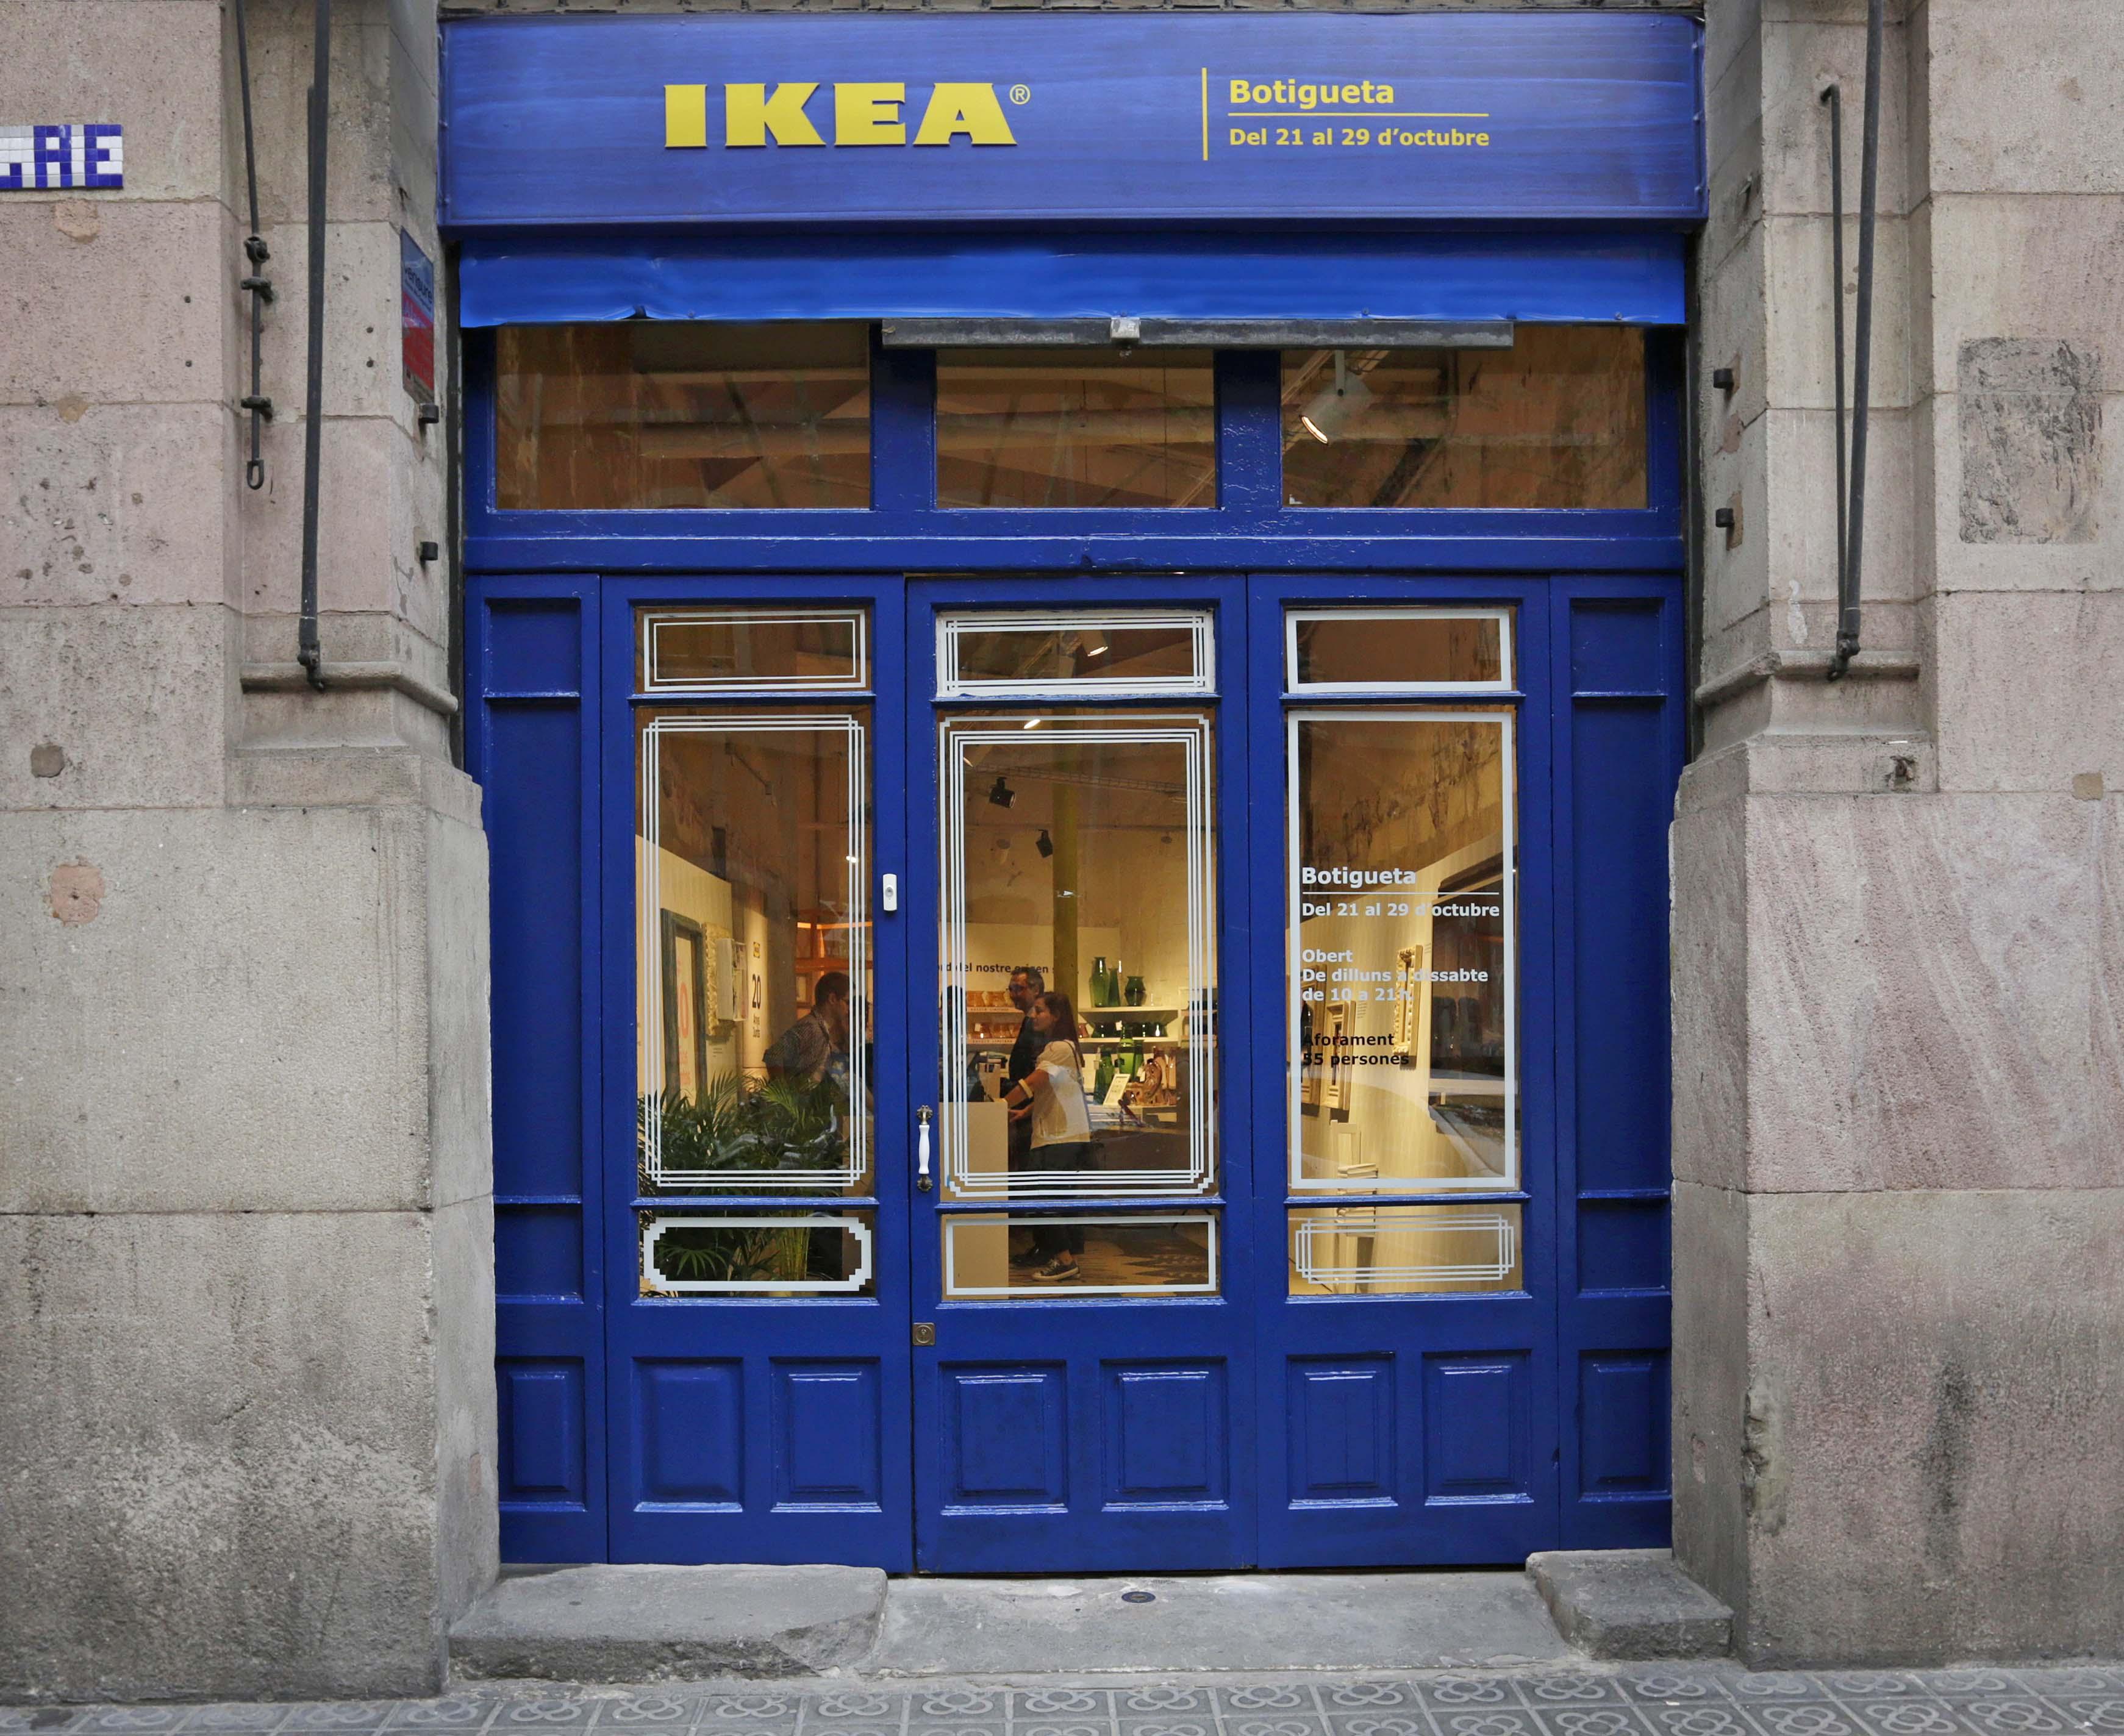 Ikea abre una tiendita en el born en el coraz n de - La botigueta barcelona ...